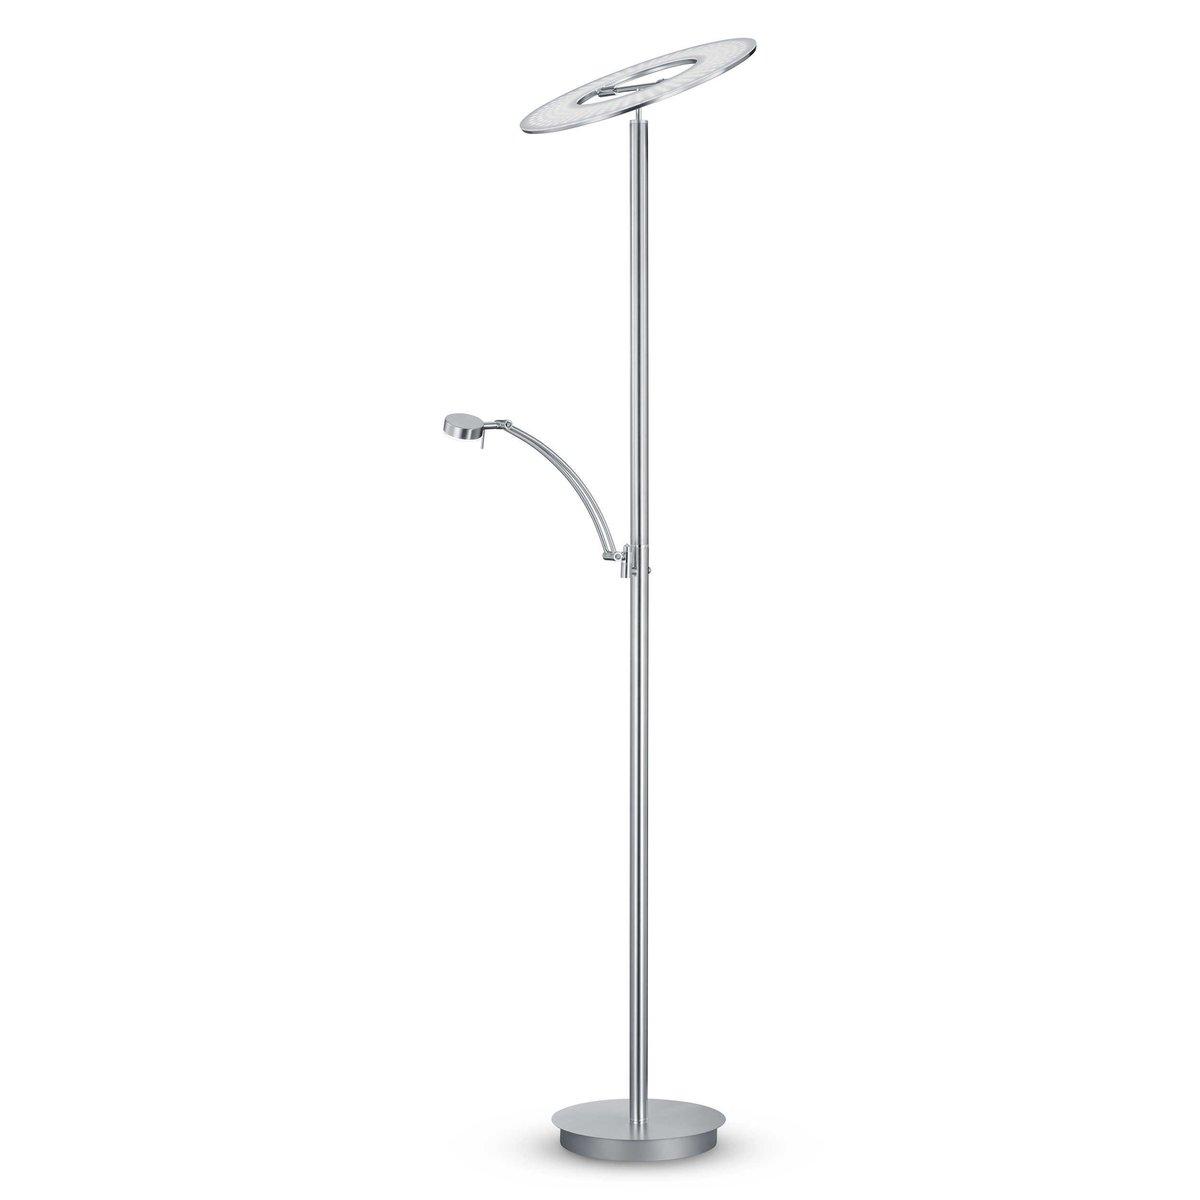 Bild 3 von B-LEUCHTEN LED-Stehlampe   Monza